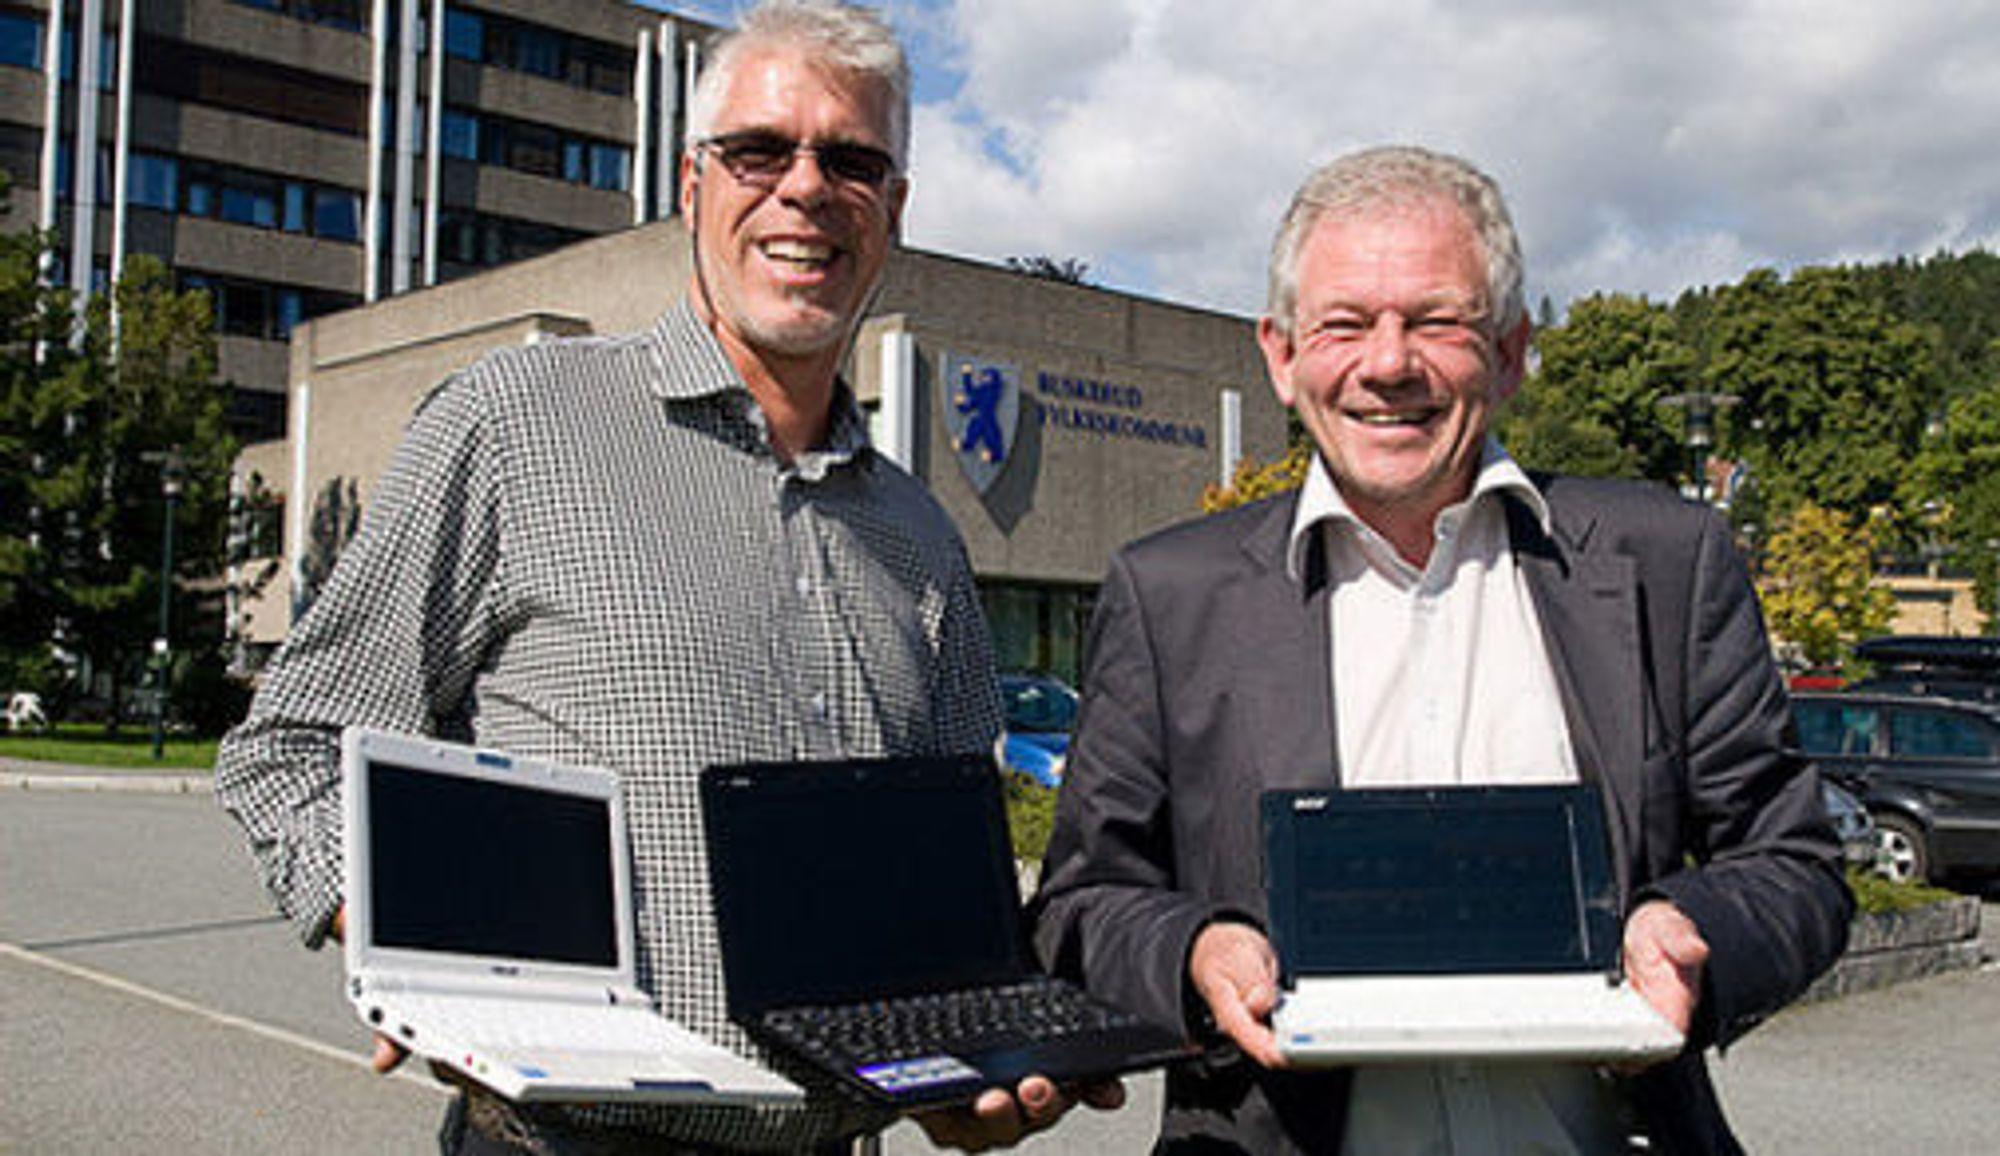 Prosjektleder Bjørn Venn (til v.) fra Buskerud fylkeskommune og fylkesutdanningssjef Jan-Helge Atterås har stor tro på mini-PC-ene. (Foto: CC, Martin Bekkelund, Friprogsenteret)